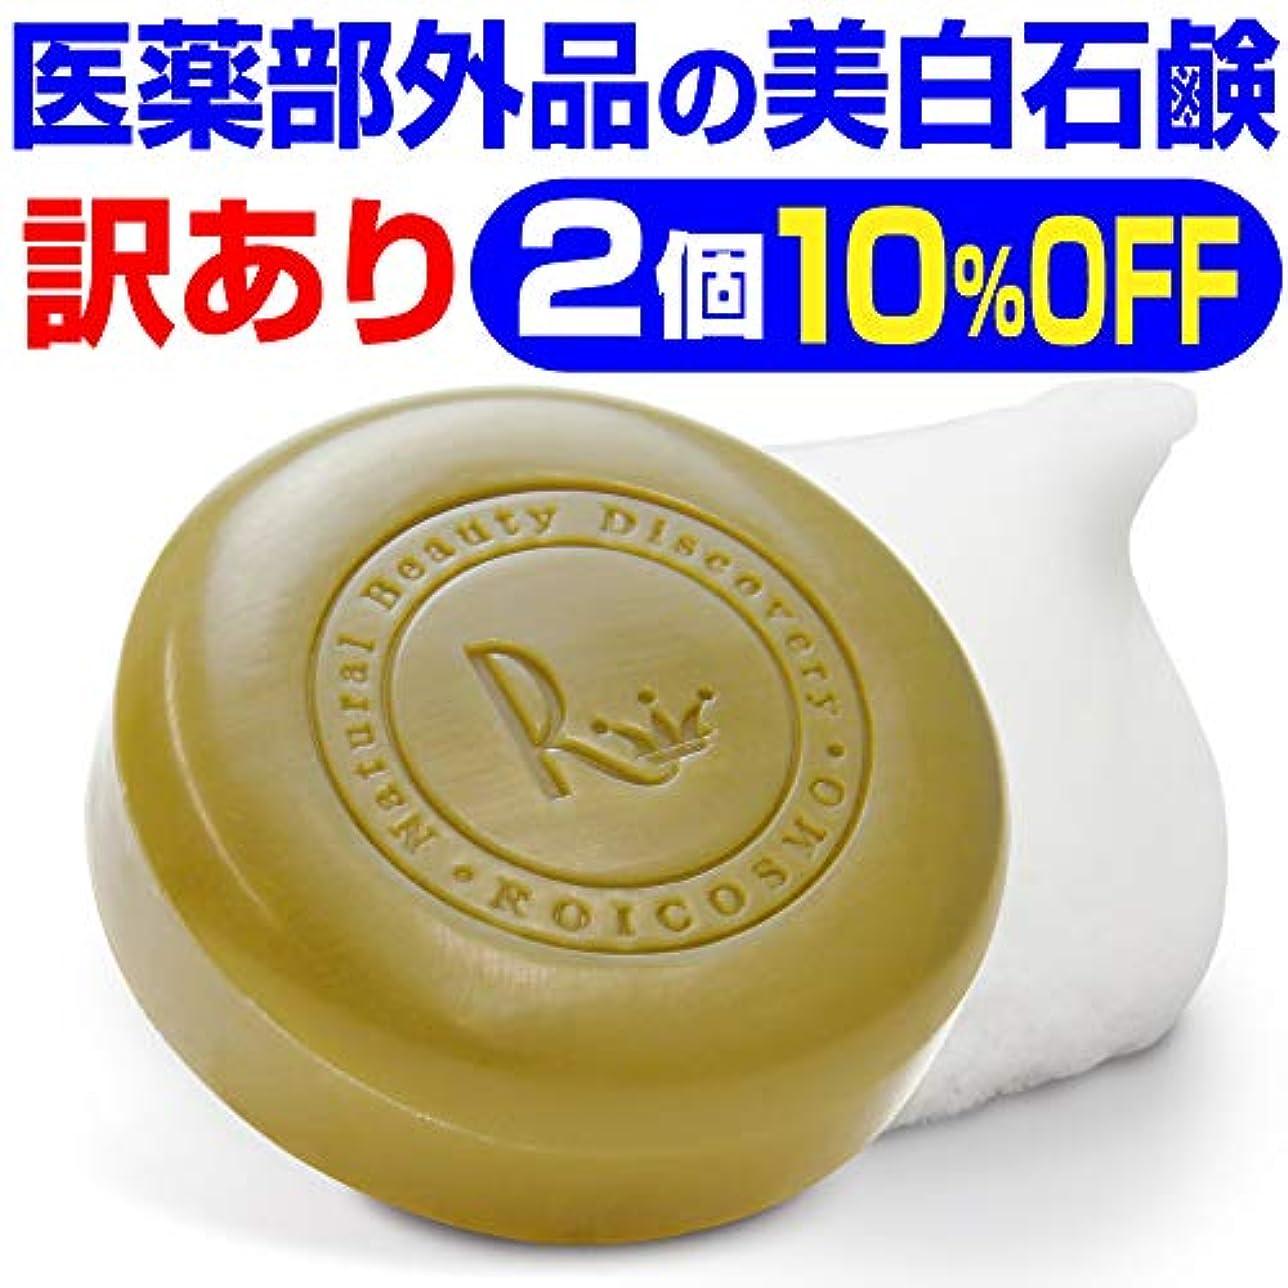 重要厳しいテスピアン訳あり10%OFF(1個2,143円)売切れ御免 ビタミンC270倍の美白成分の 洗顔石鹸『ホワイトソープ100g×2個』